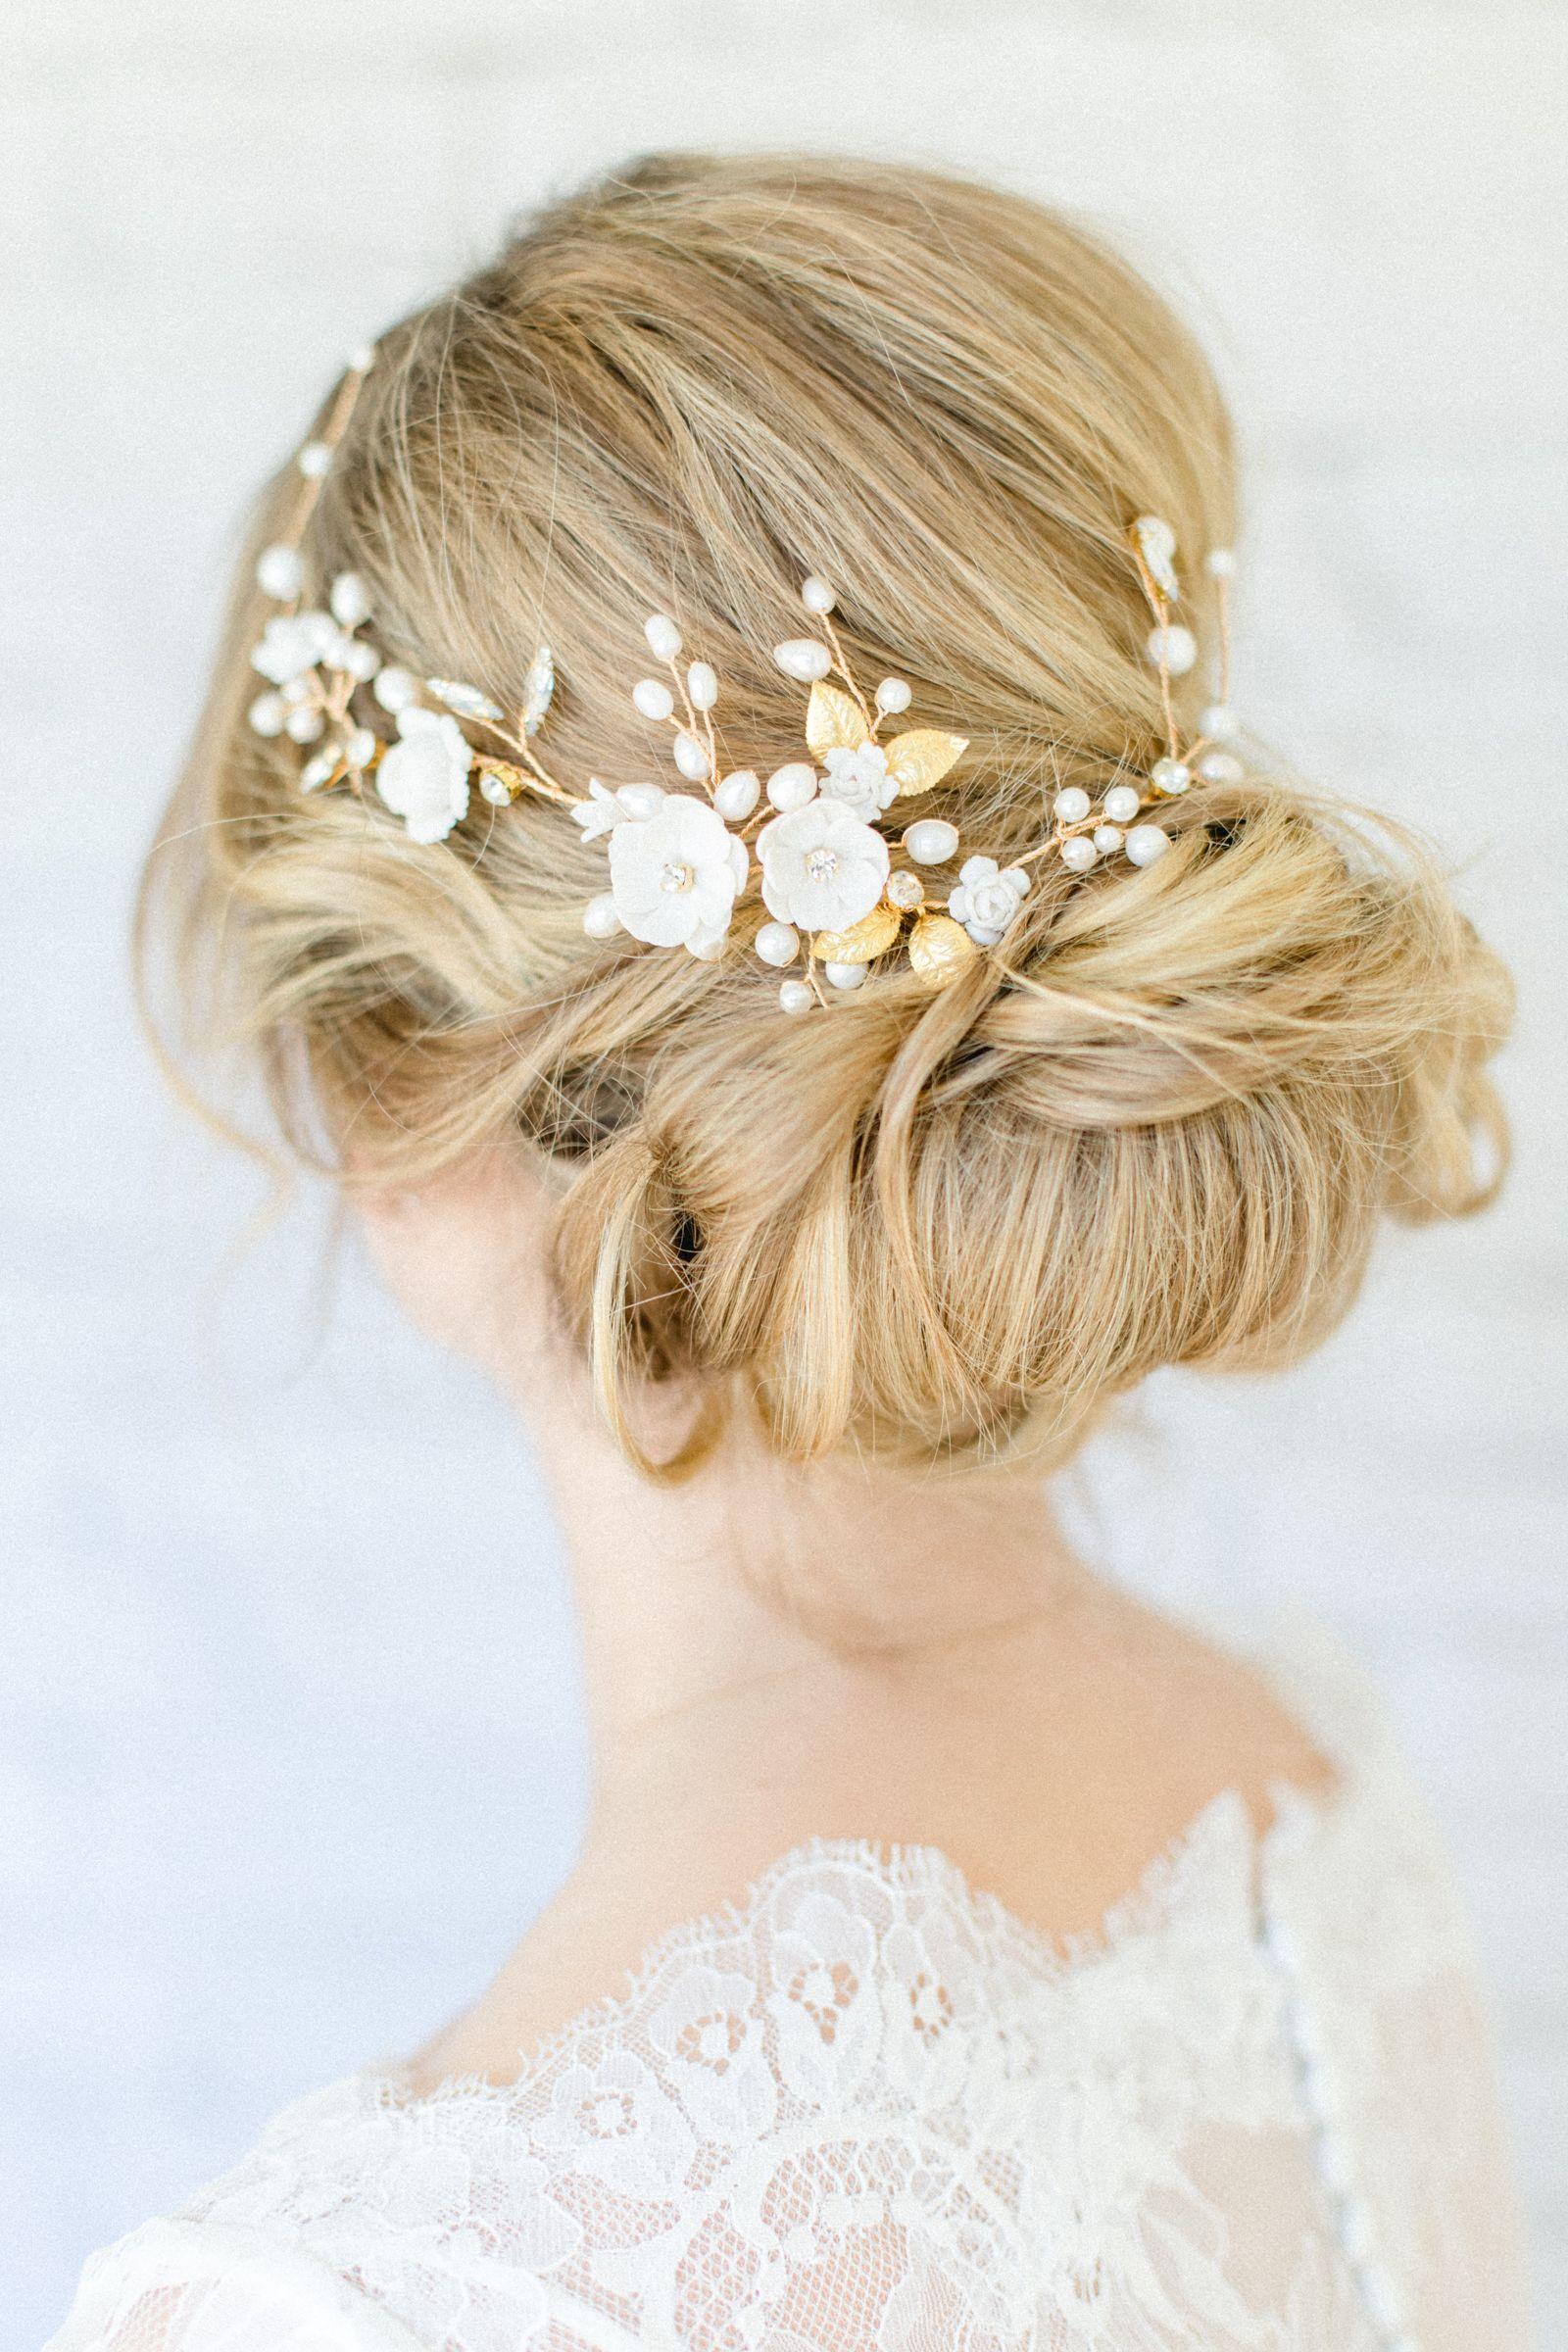 Braut Haarschmuck Dalina In Ivory Und Gold Haarschmuck Braut Haar Accessoires Hochzeit Frisuren Kurze Haare